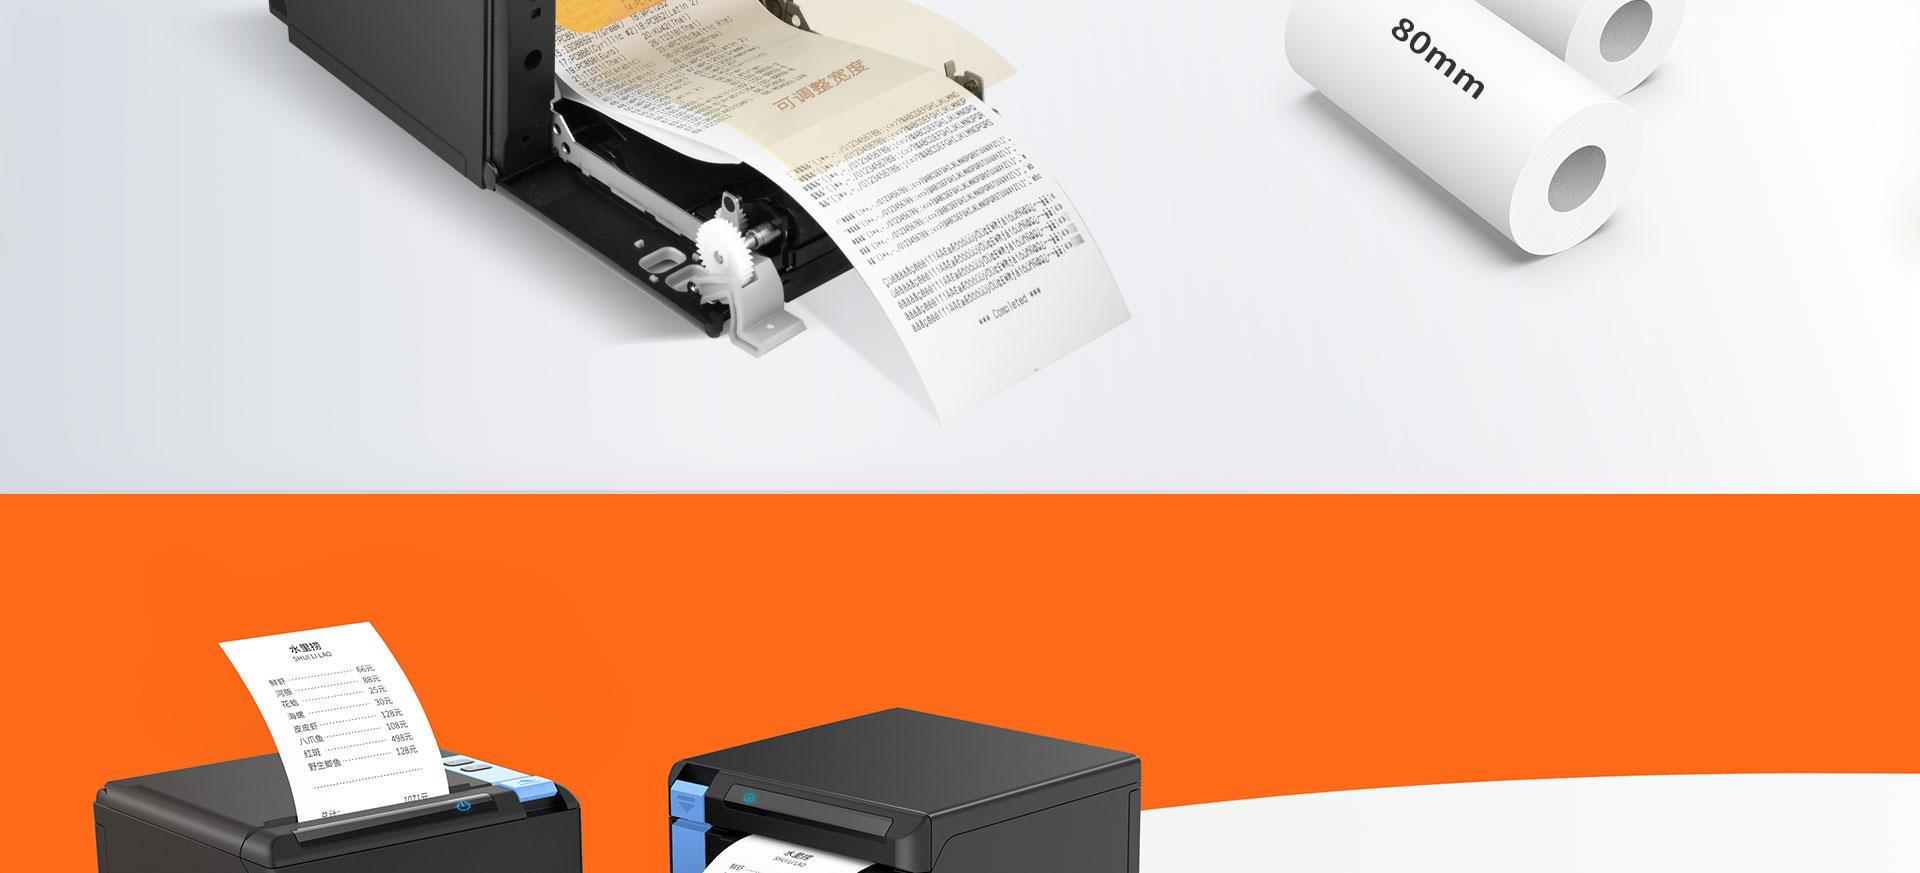 TP808立体时尚设计热敏票据打印机  第5张